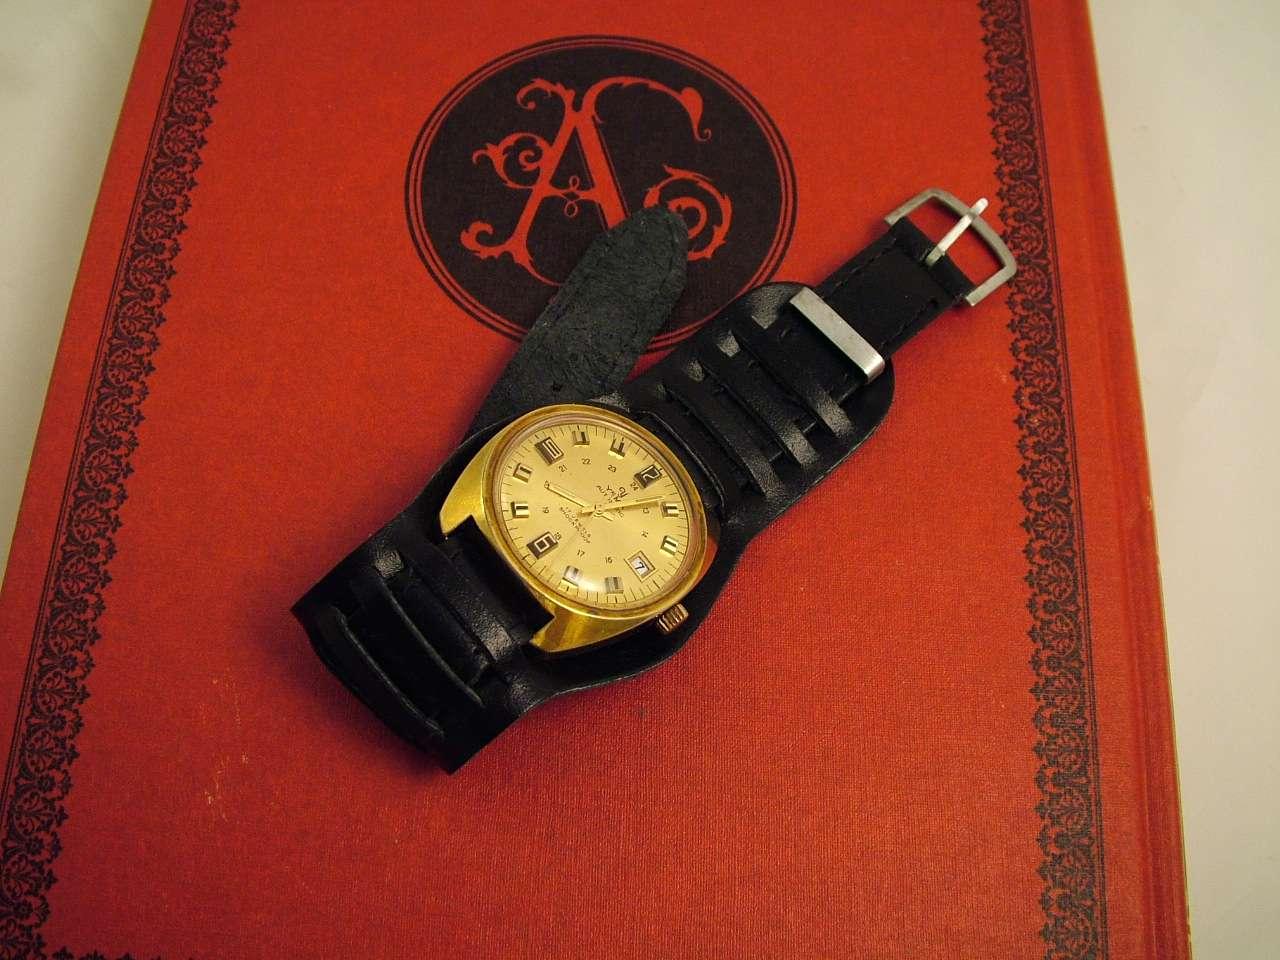 yema watch vintage eBay